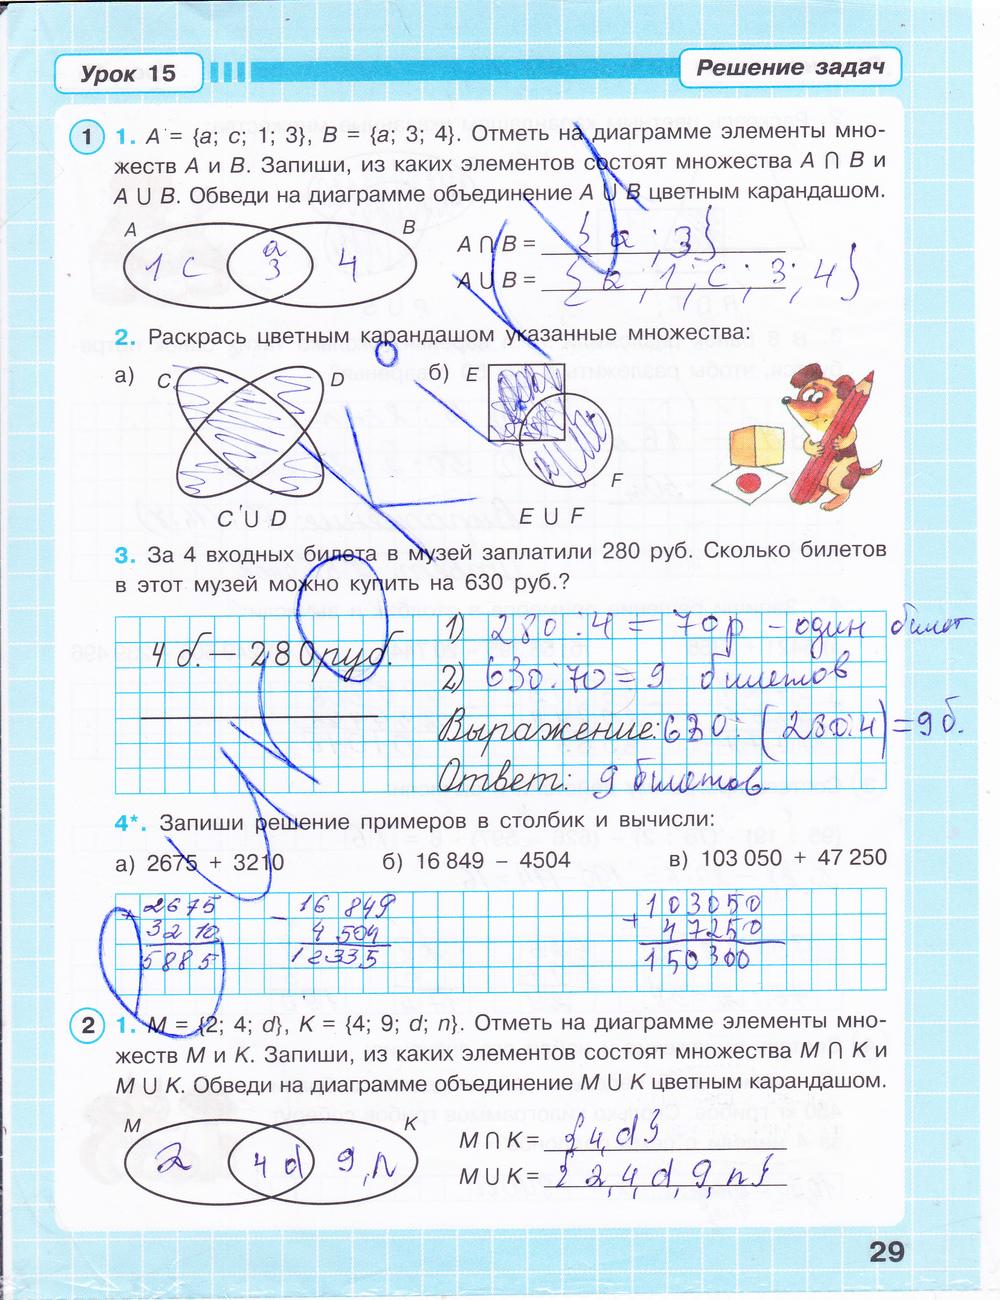 Гдз математика 3 класс петерсон л.г